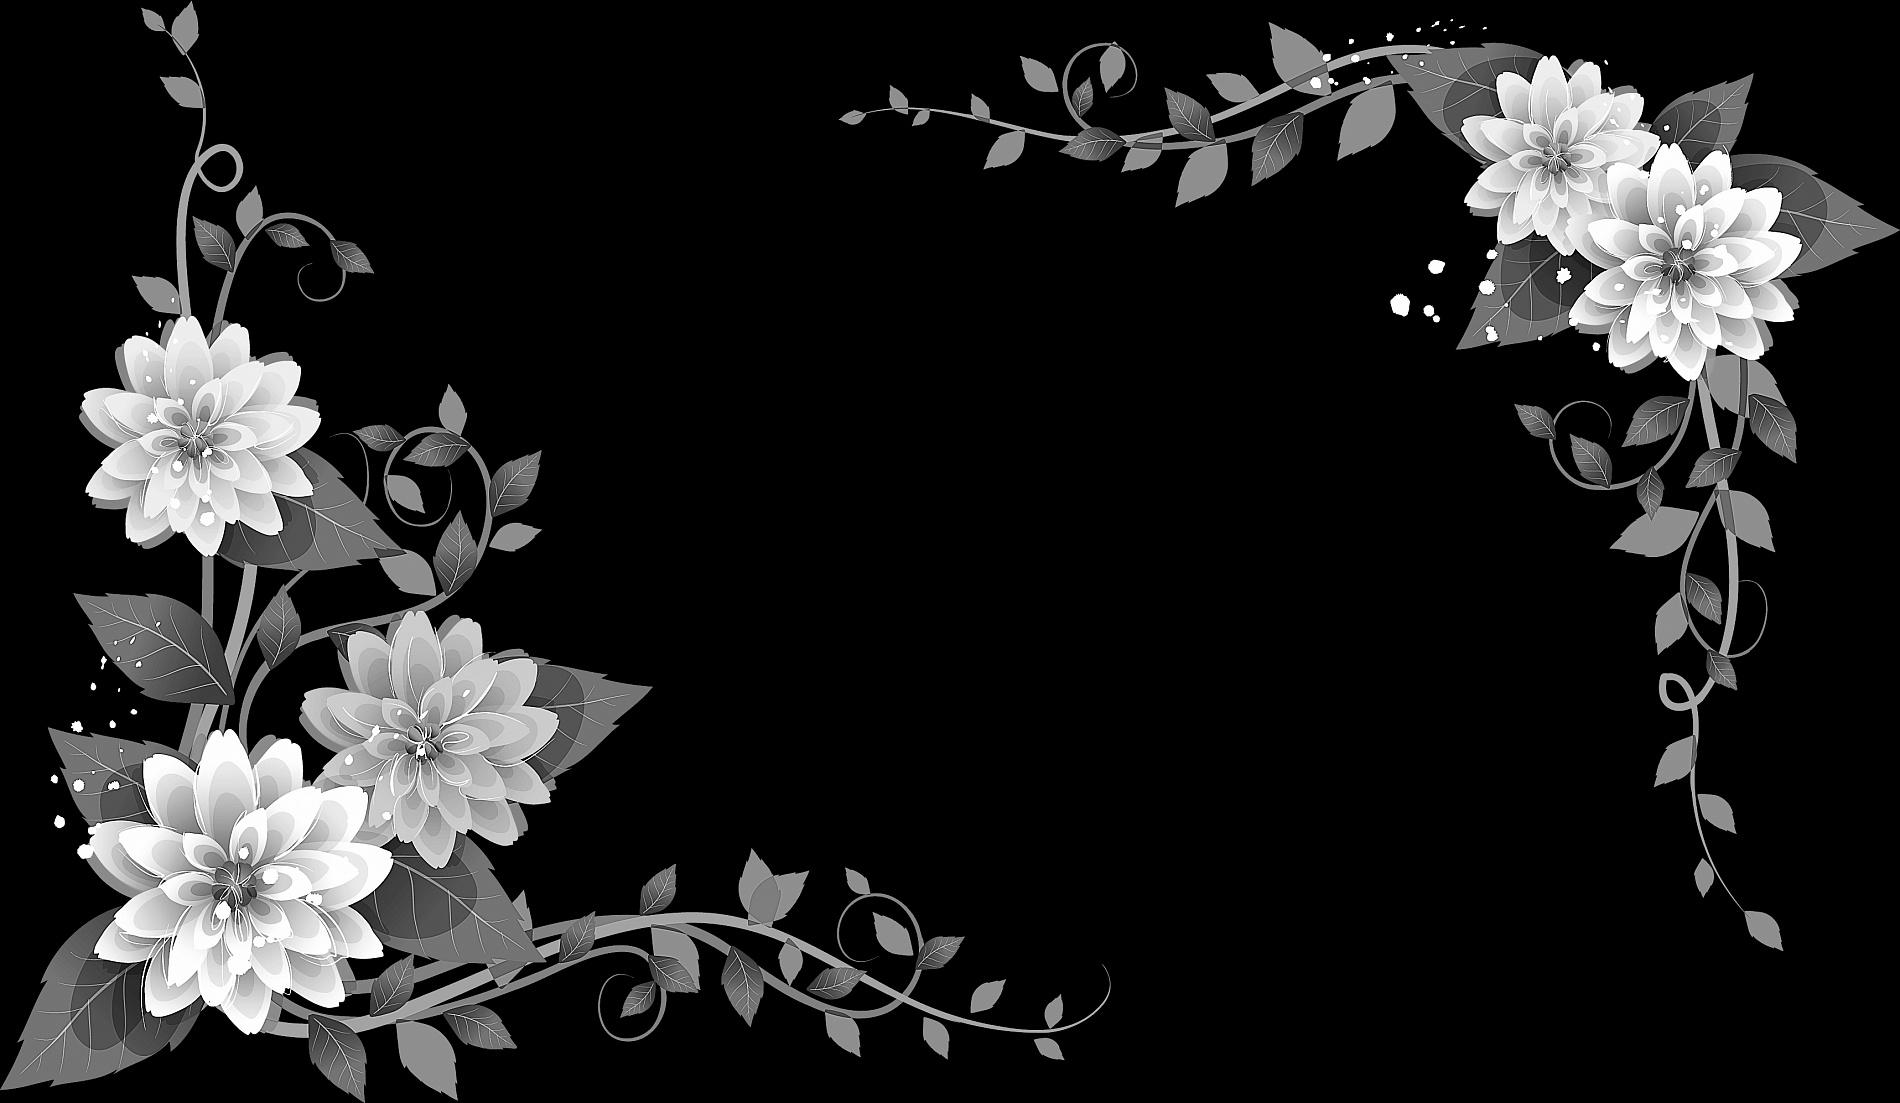 Картинка цветы на памятнике